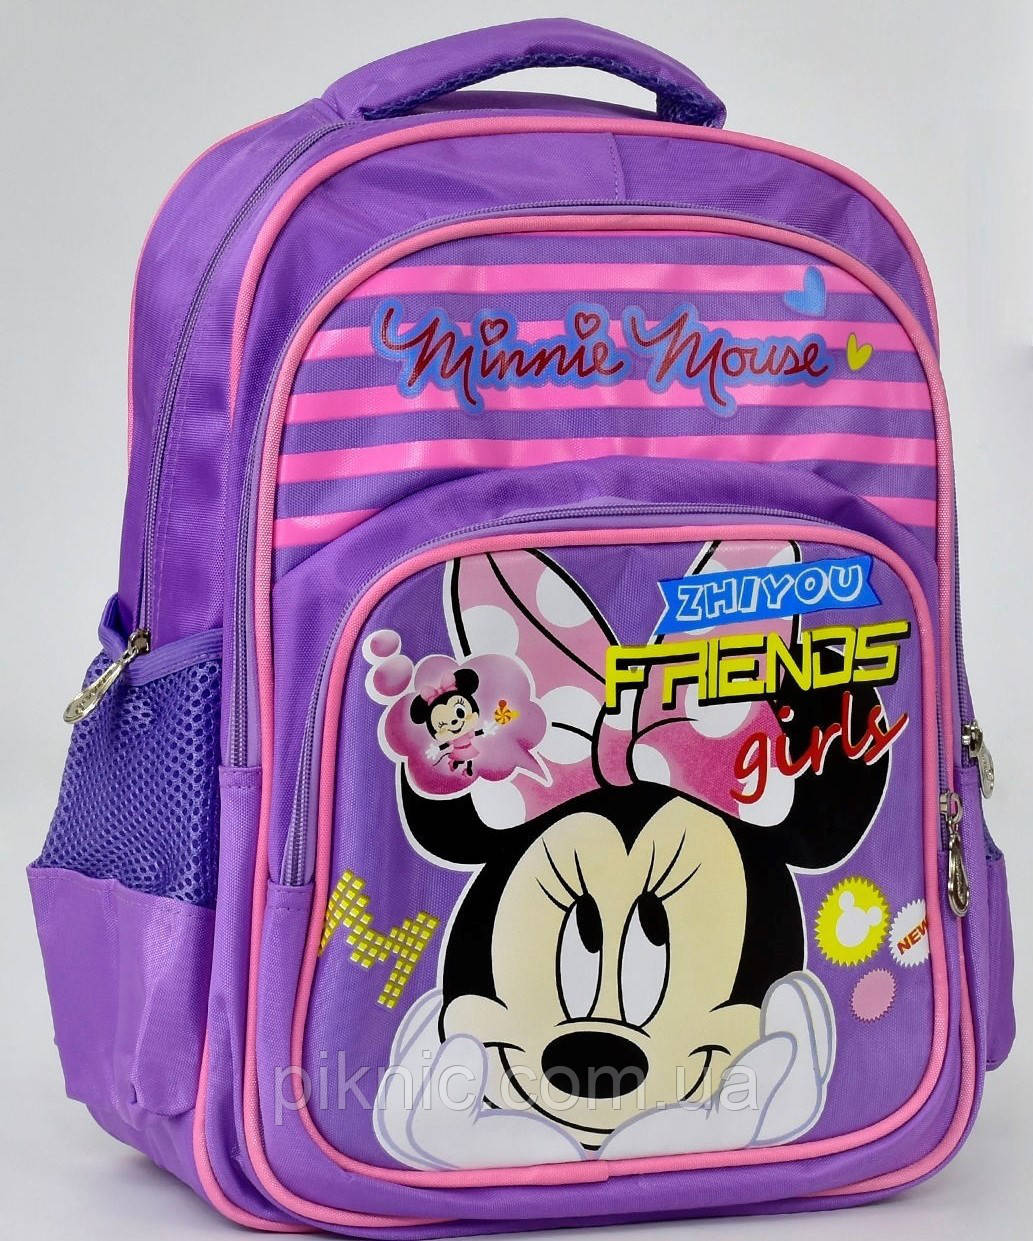 6c67bf02fea0 Школьный рюкзак ортопедический Микки Маус №4 для девочки. Детский портфель  ранец для школы 1